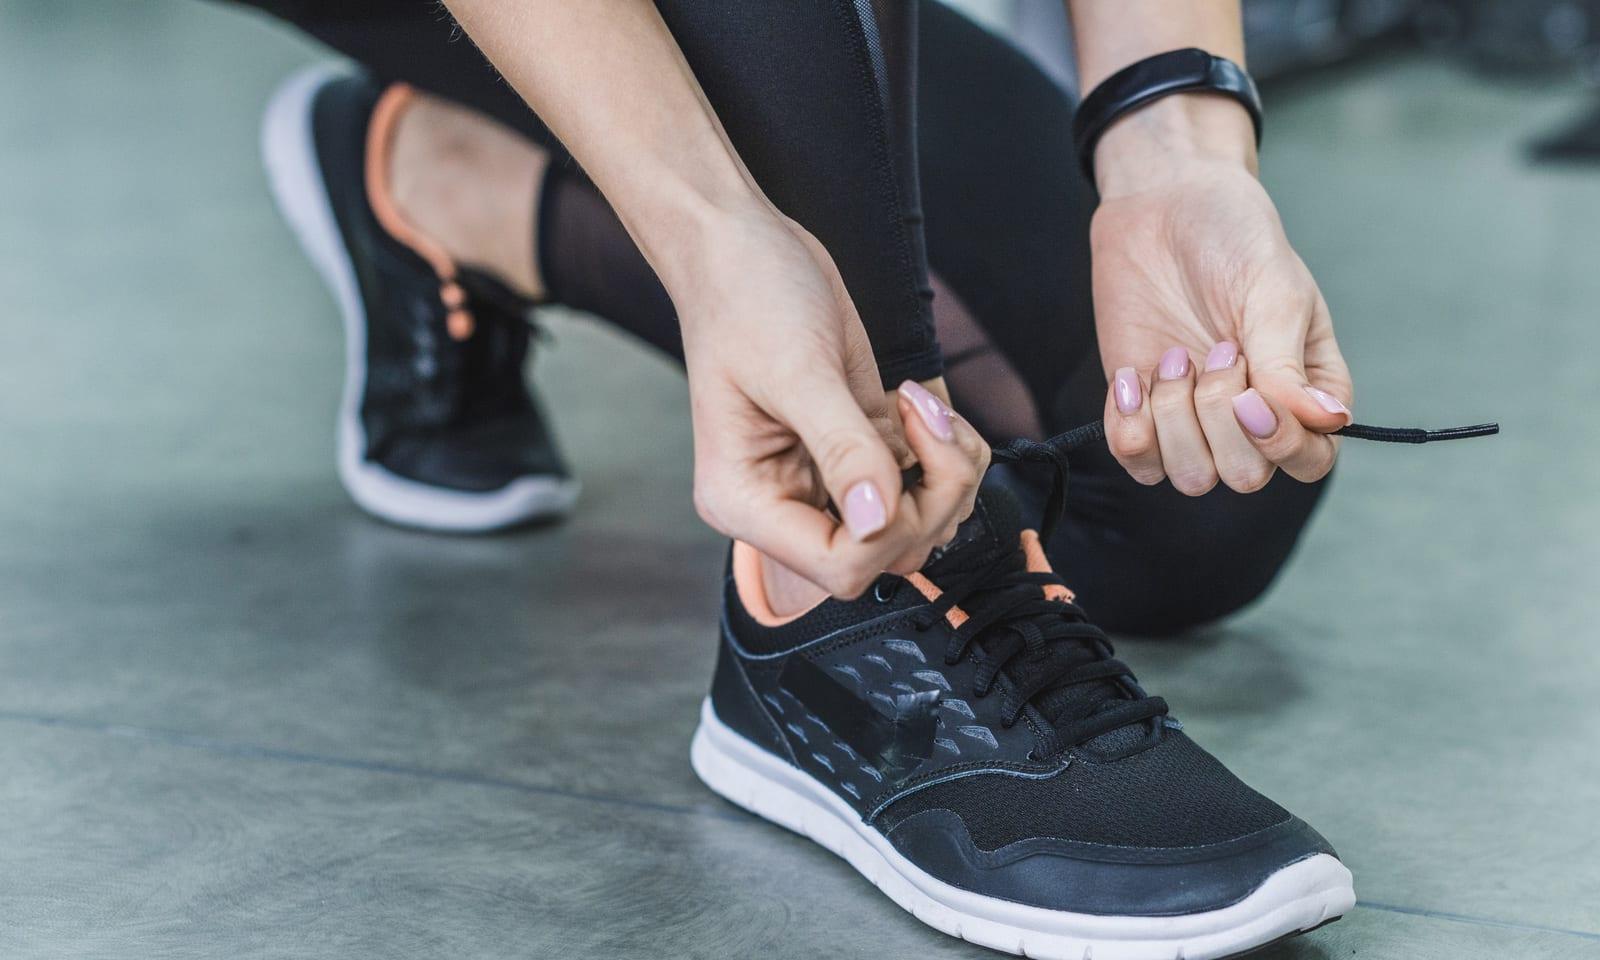 d5d880ccd5e5 10 Best Workout Shoes   2019 Reviews   - Shoe Adviser